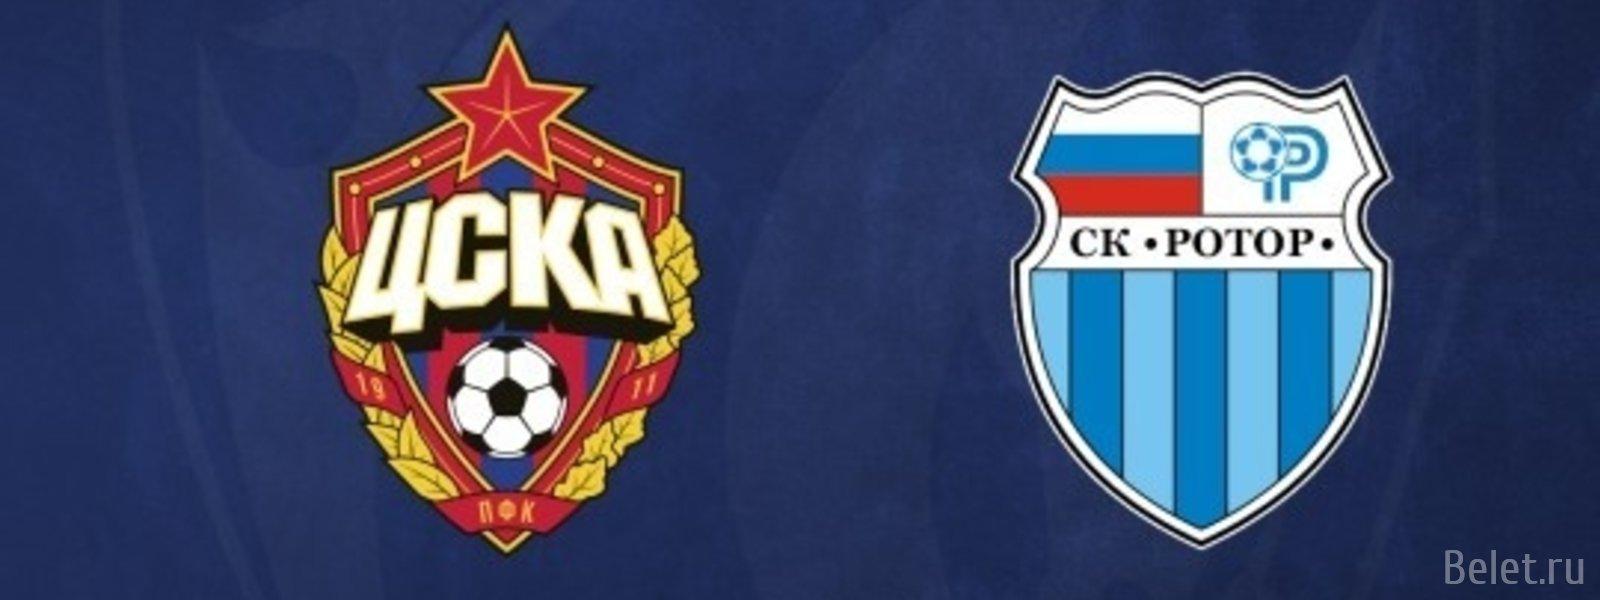 Купить билеты на футбол ЦСКА - Ротор  11 апреля